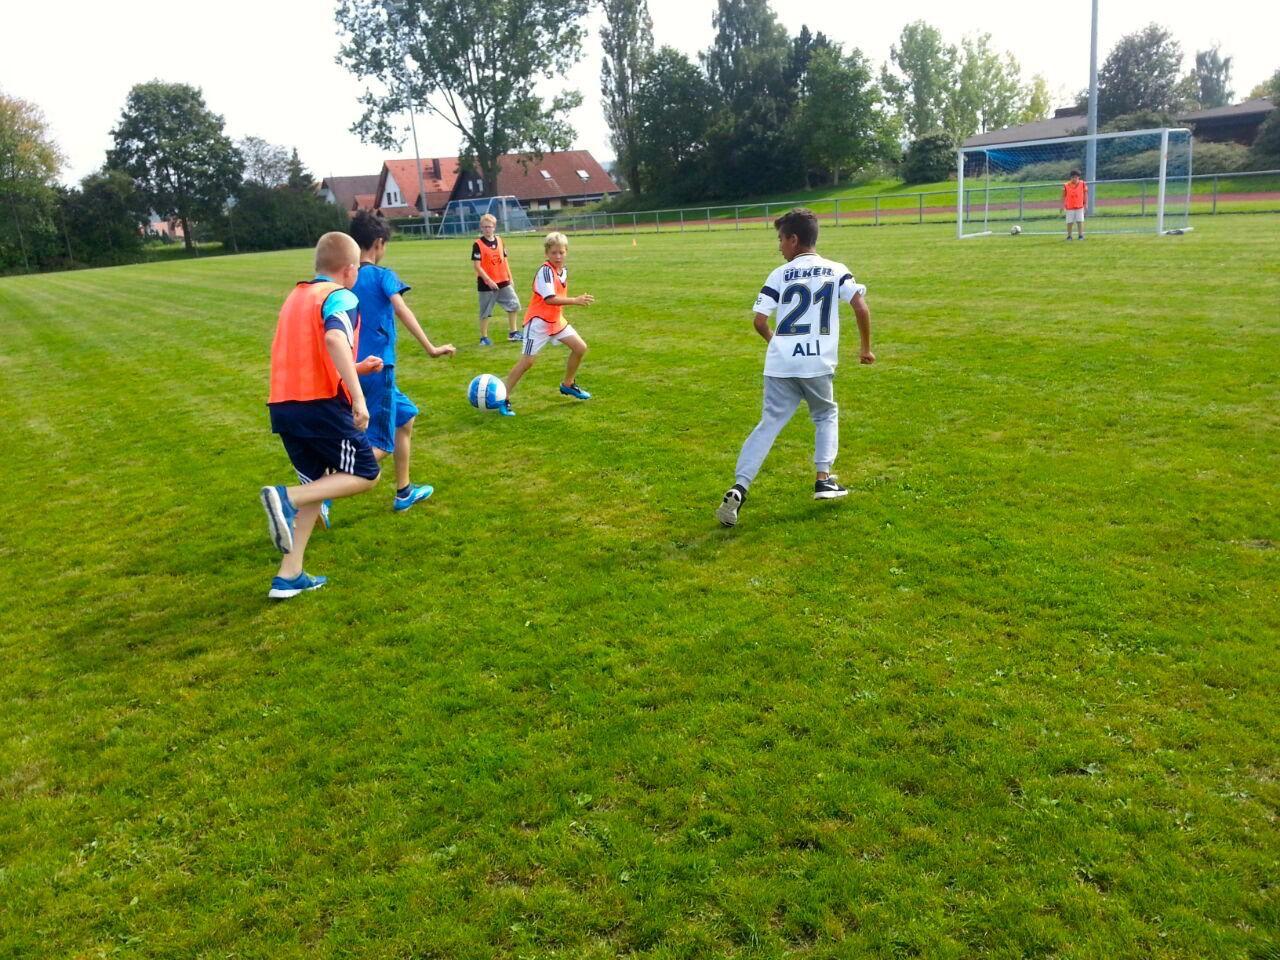 Realschule Altensteig Fußball AG